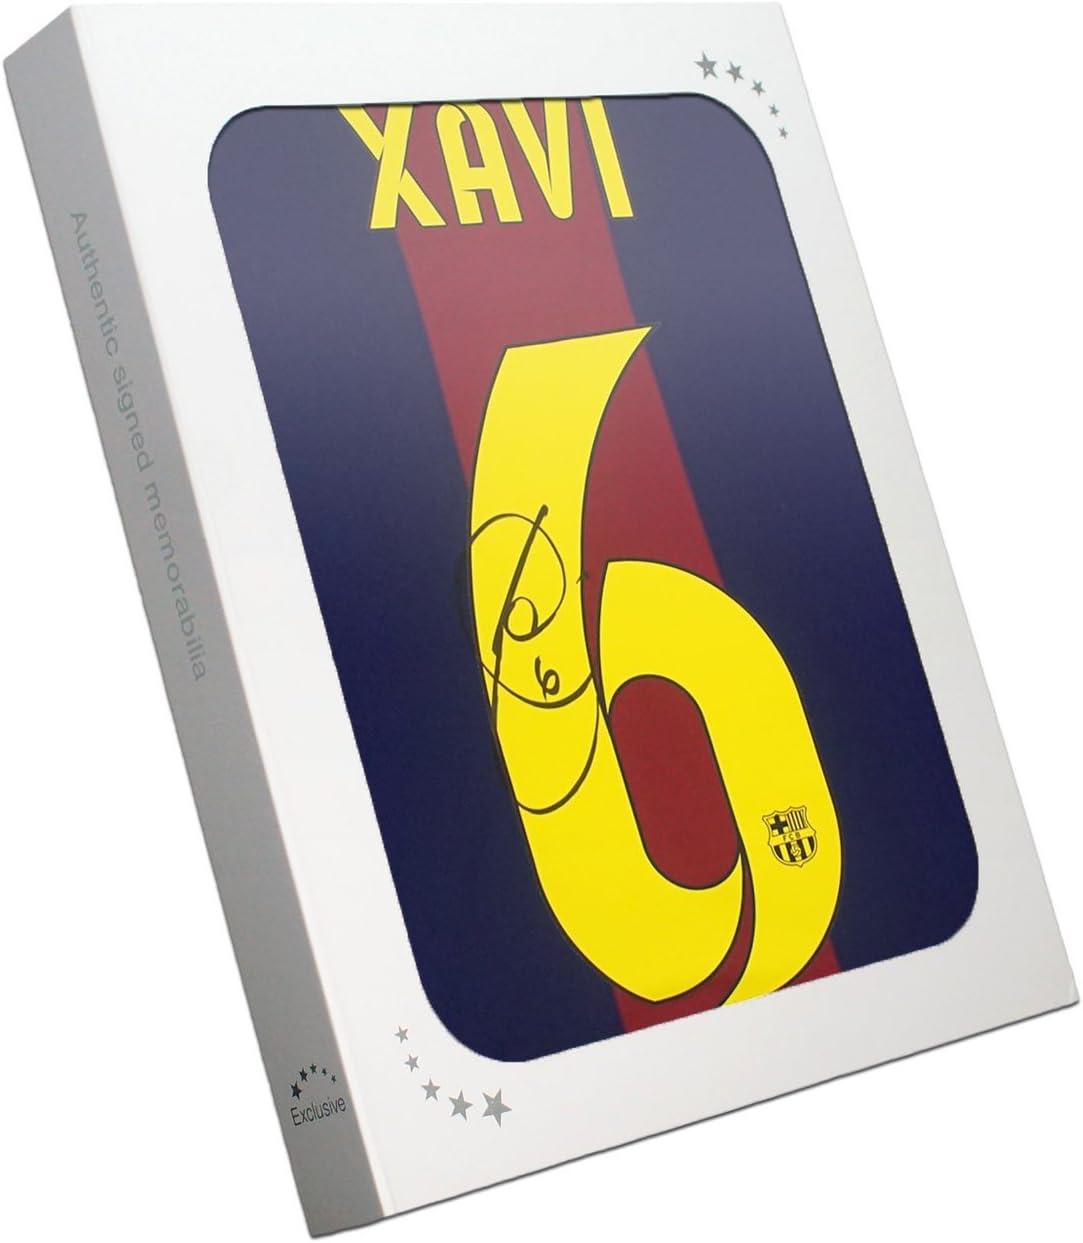 Xavi Hernández Firmado 2014-15 camiseta de fútbol de Barcelona En la caja de regalo: Amazon.es: Deportes y aire libre